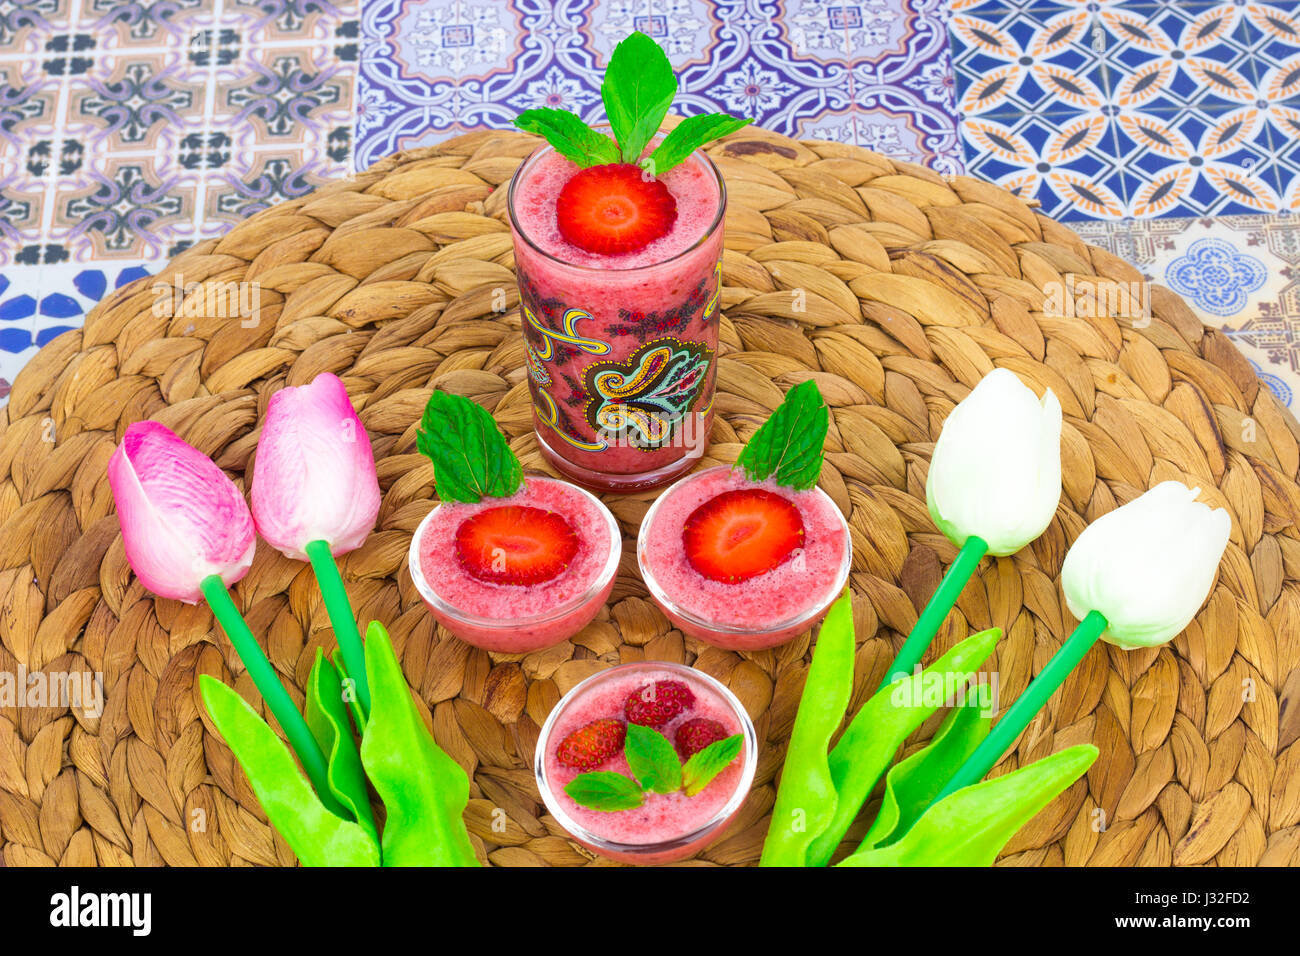 Una taza de jugo de fresas con hojas de menta sobre un fondo de colores orientales / taza de jugo de fresas sobre un fondo de colores orientales con flor Foto de stock